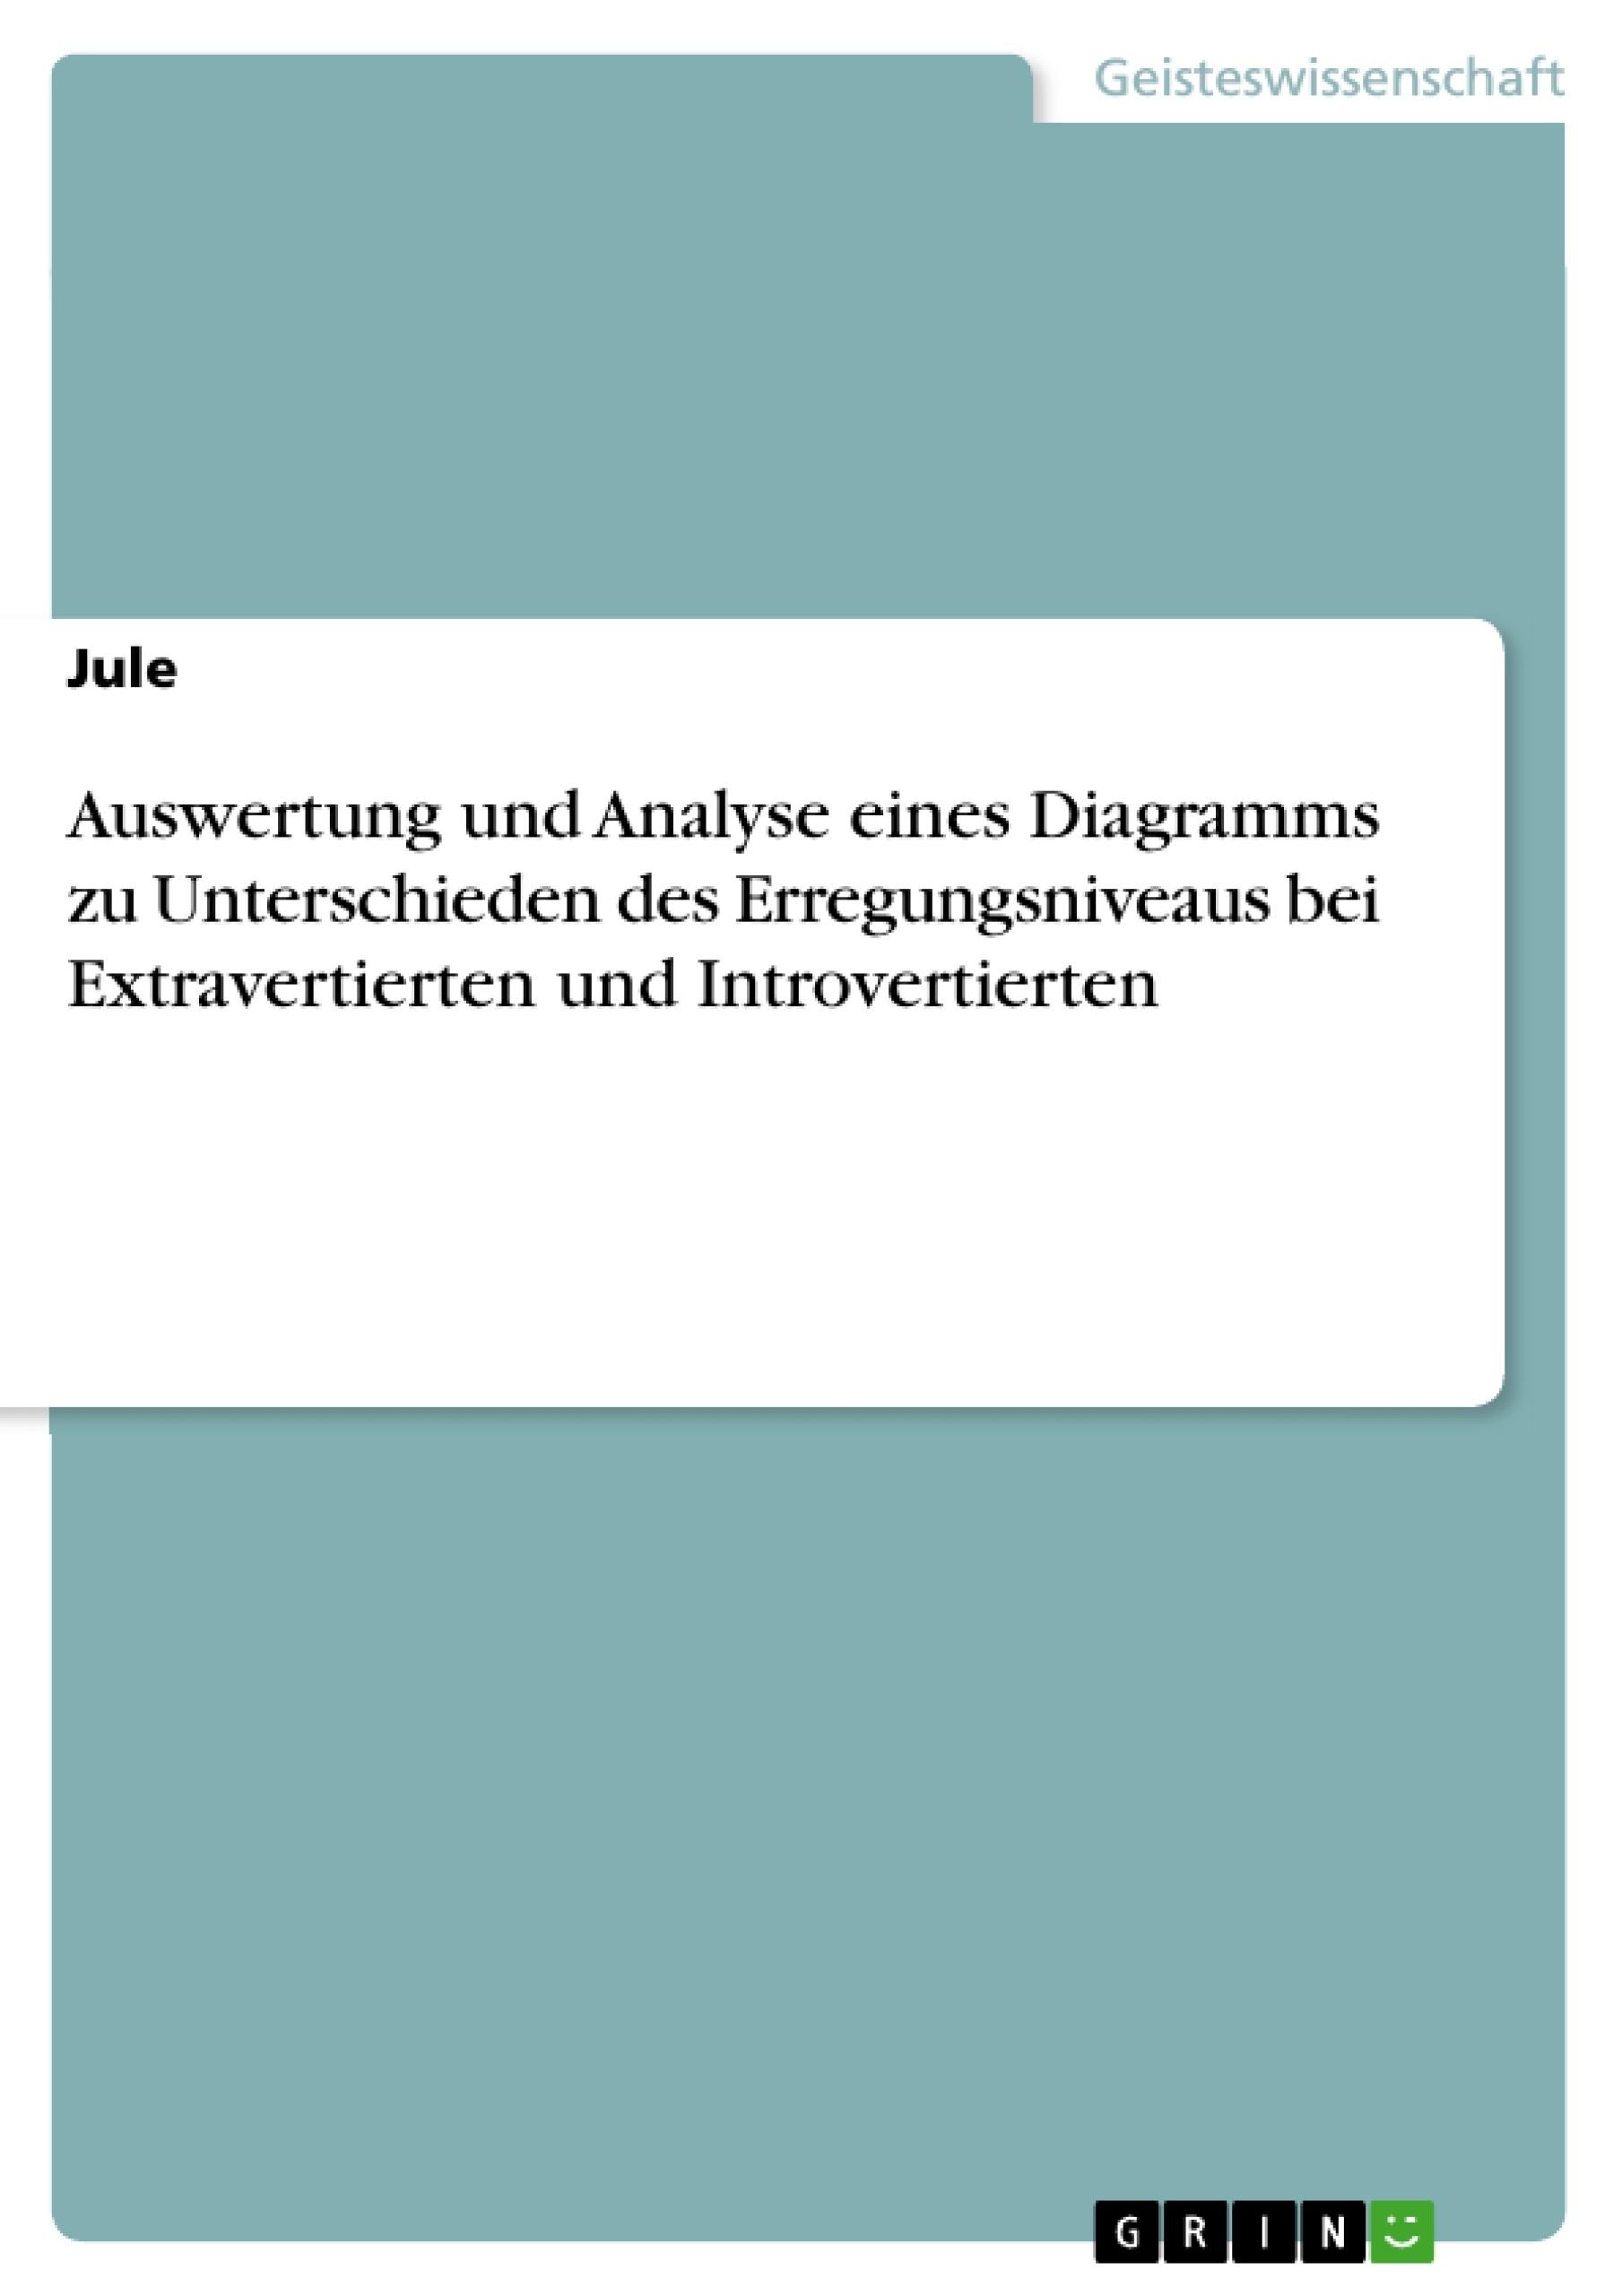 Titel: Auswertung und Analyse eines Diagramms zu Unterschieden des Erregungsniveaus bei Extravertierten und Introvertierten